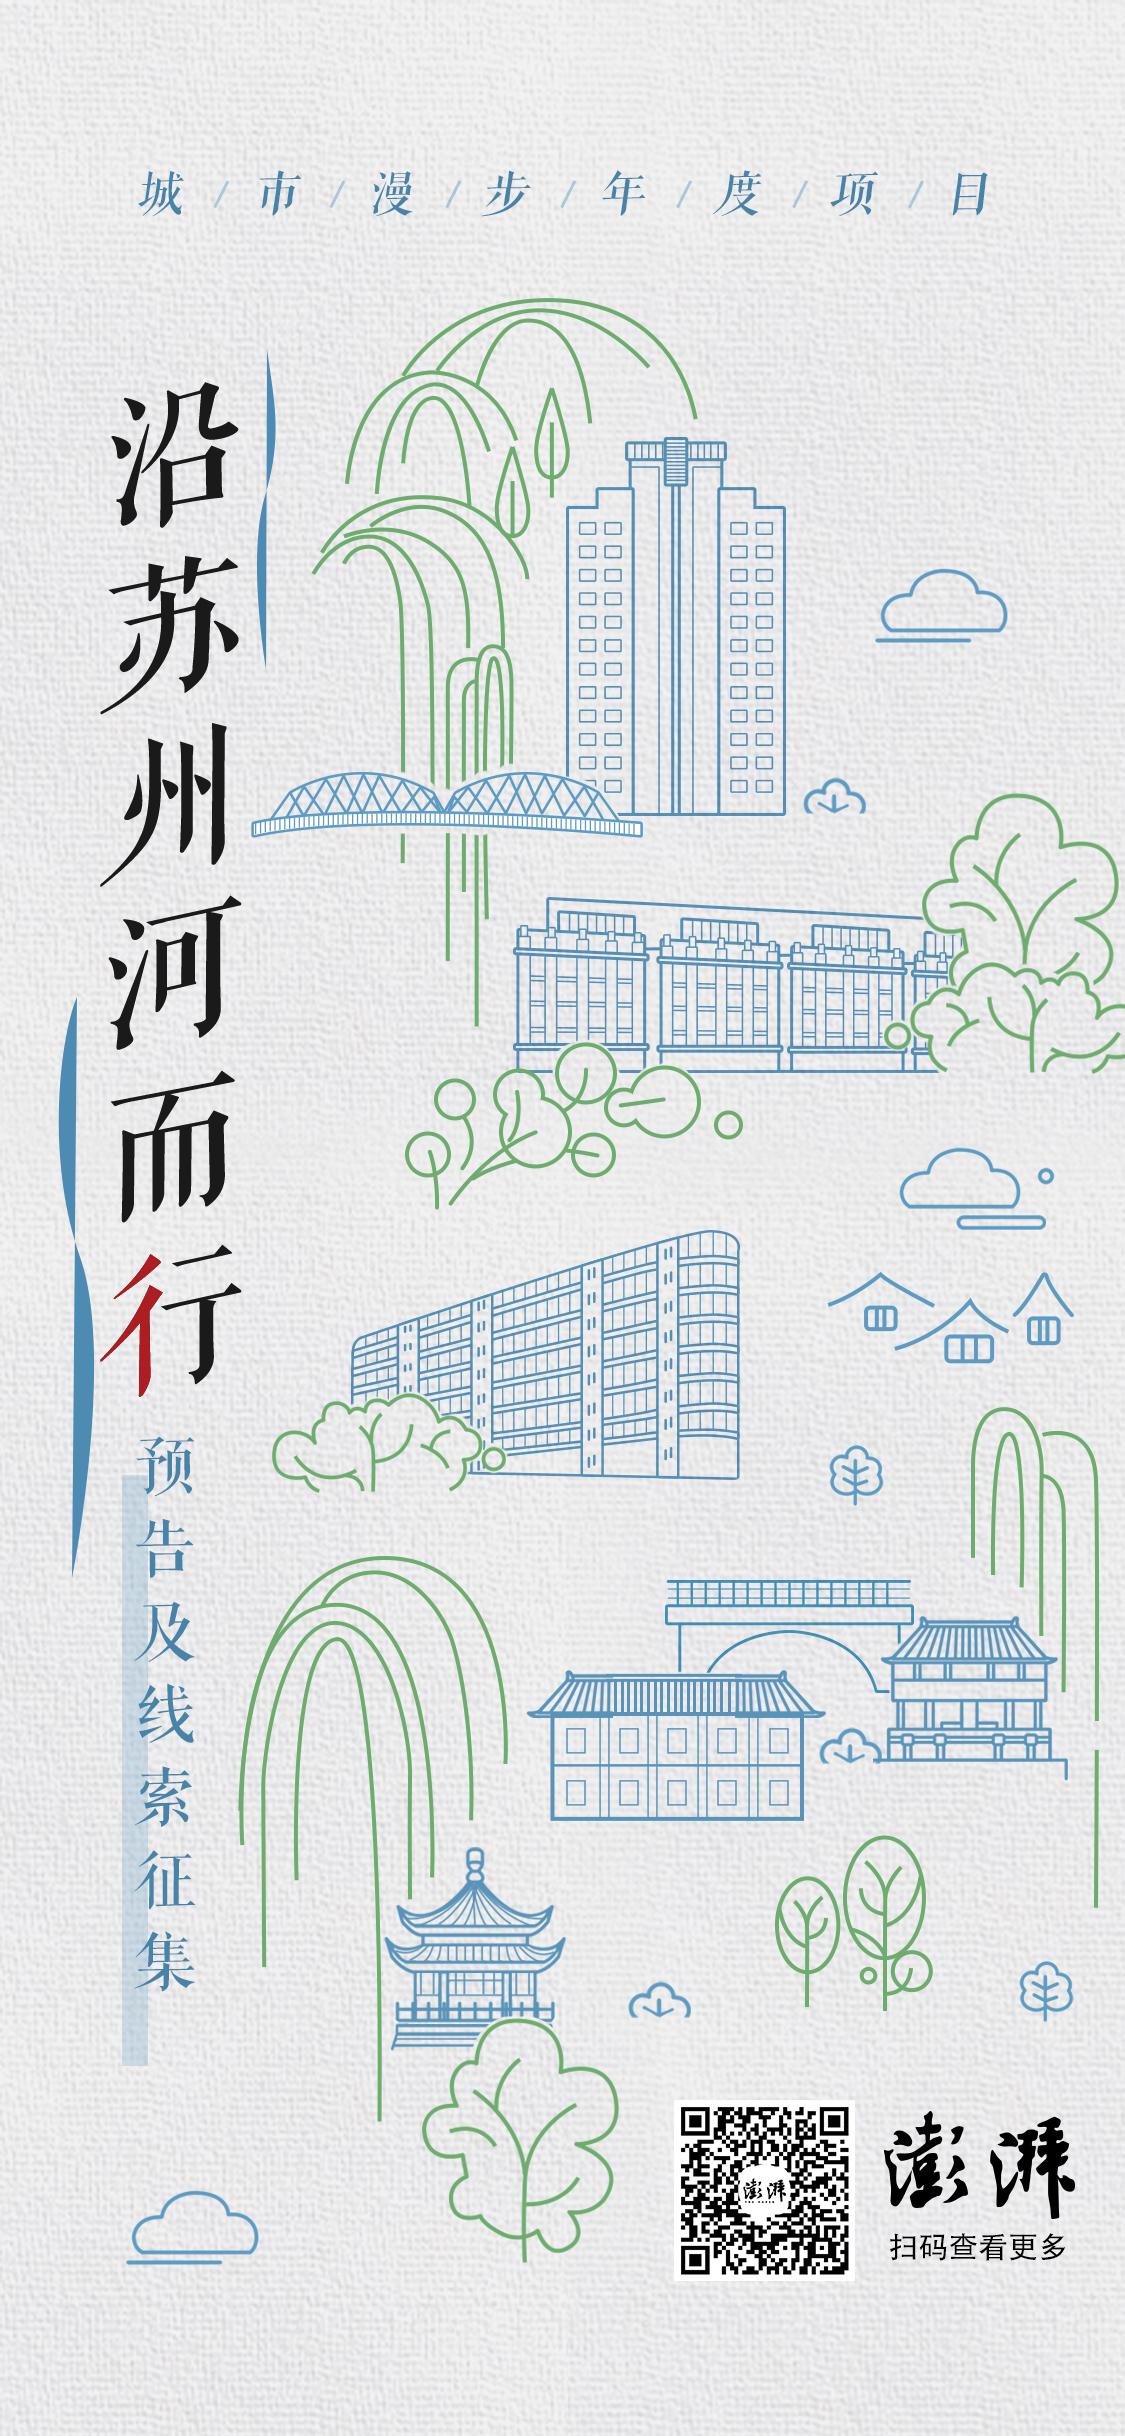 保存海报,分享给更多人。澎湃新闻 尹惠璇图